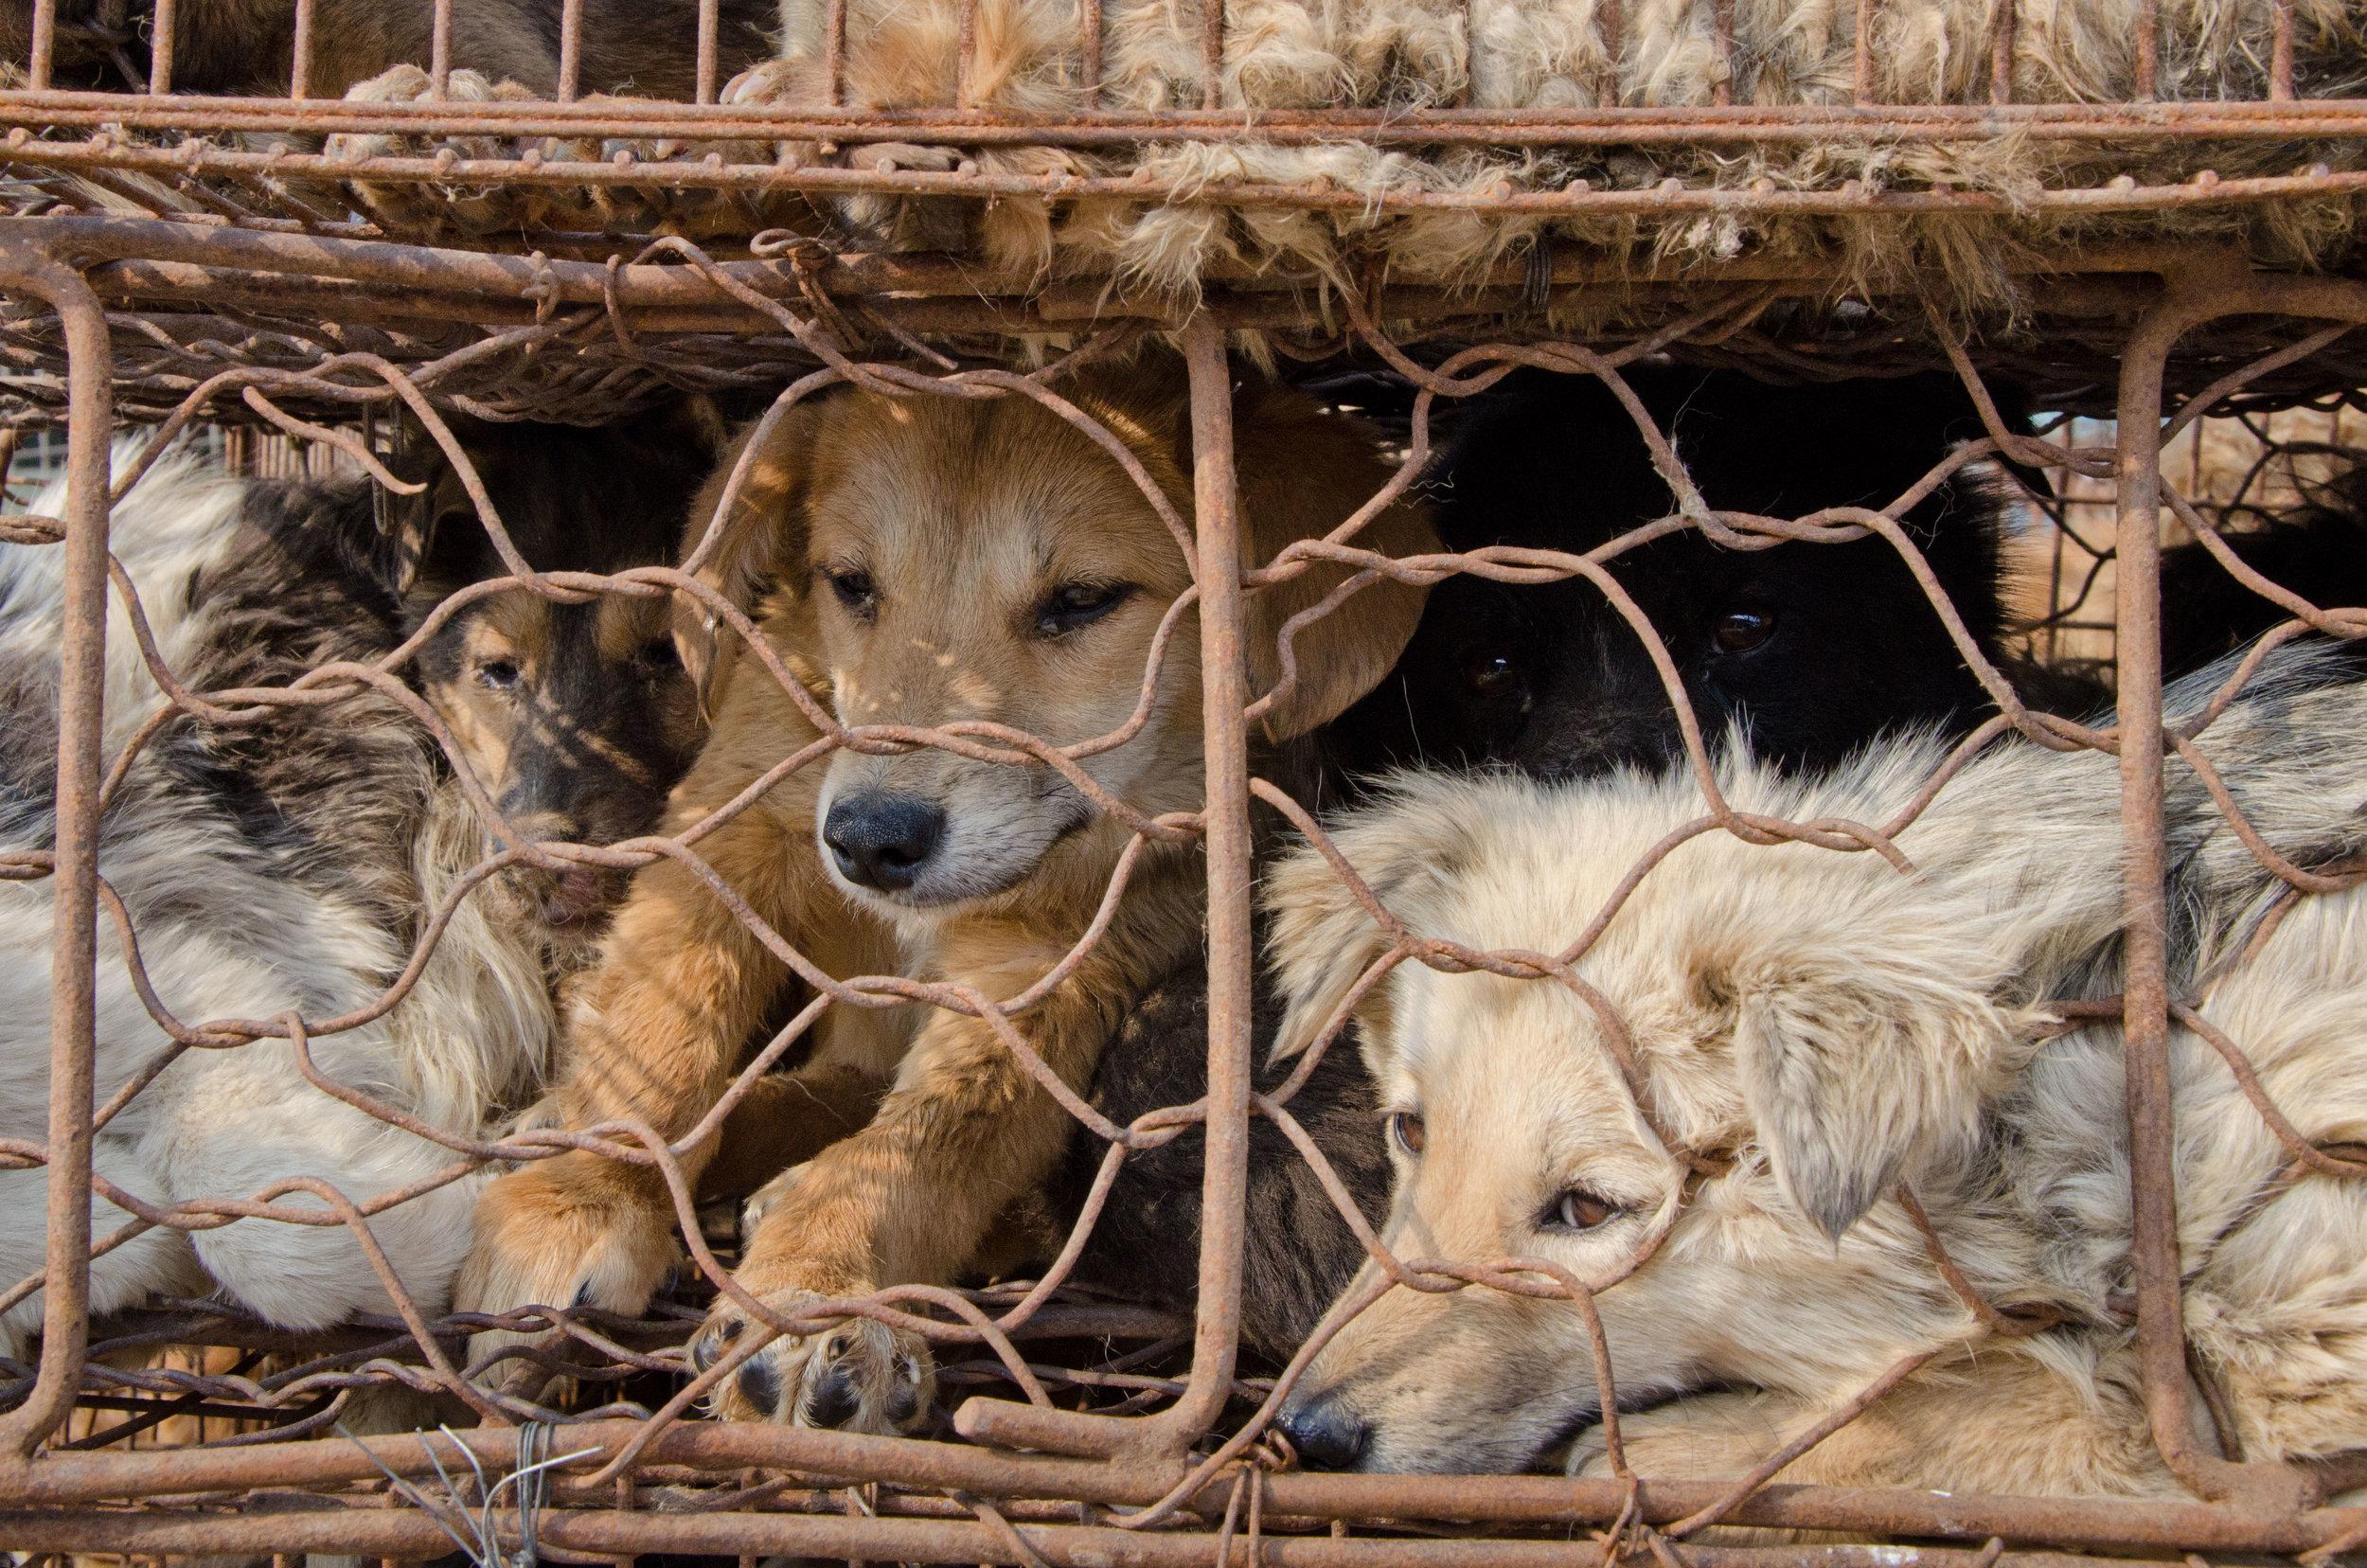 ay107405860dog-meat-trade.jpg